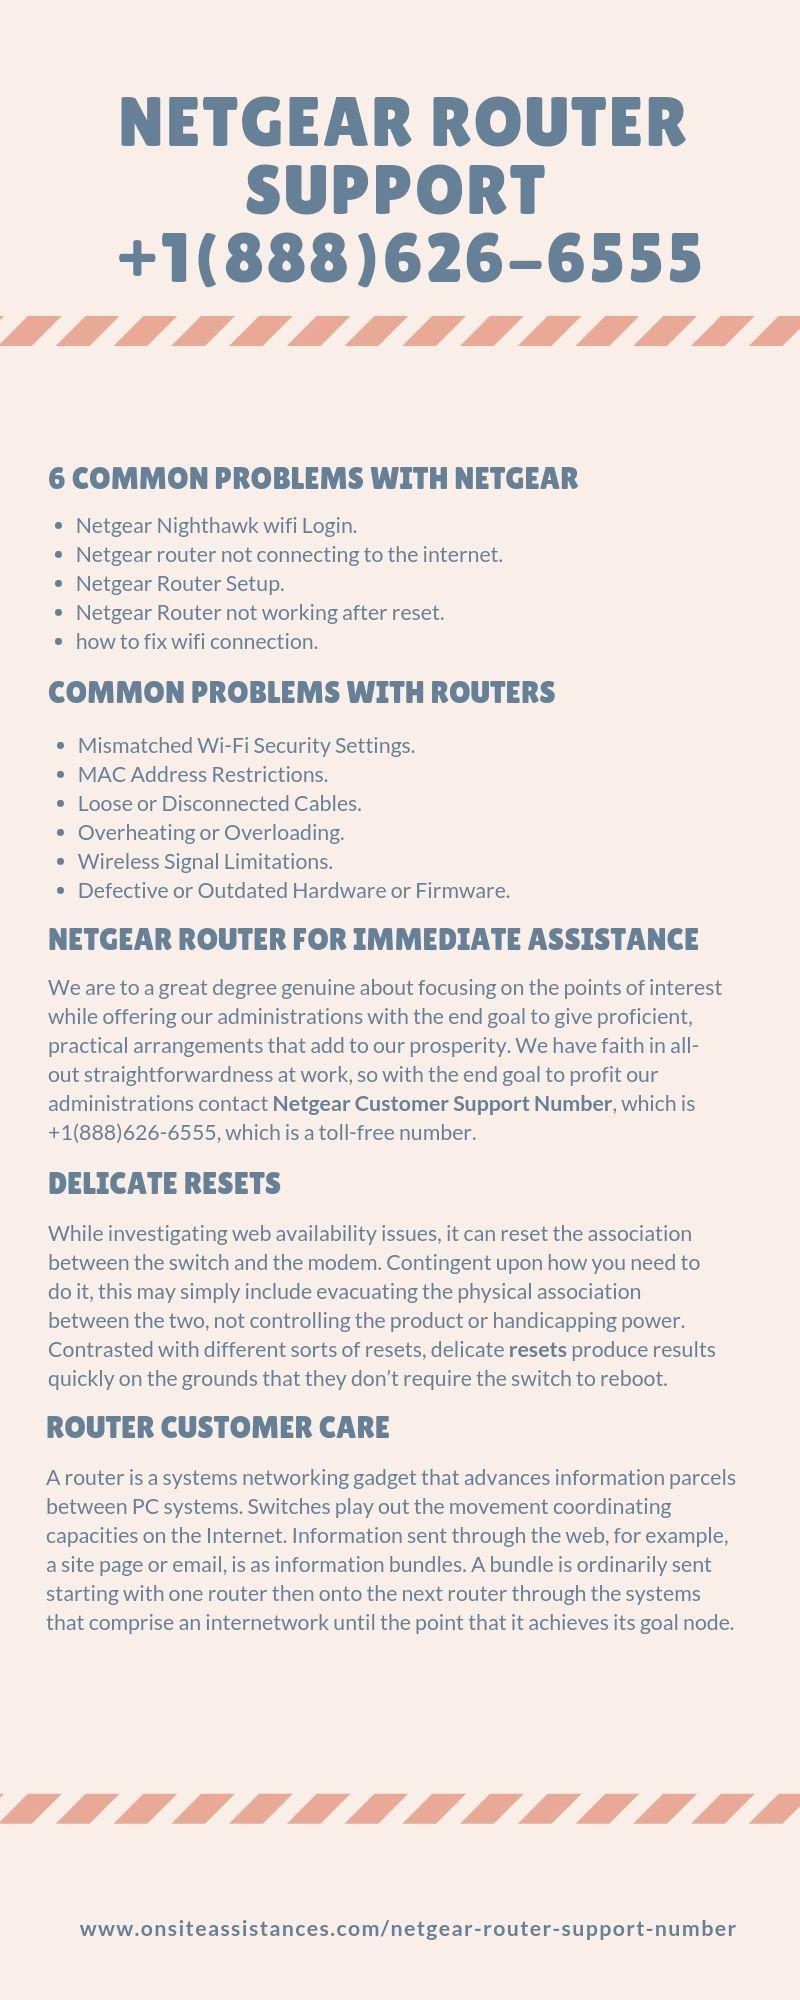 Netgear Router Support Number Netgear router